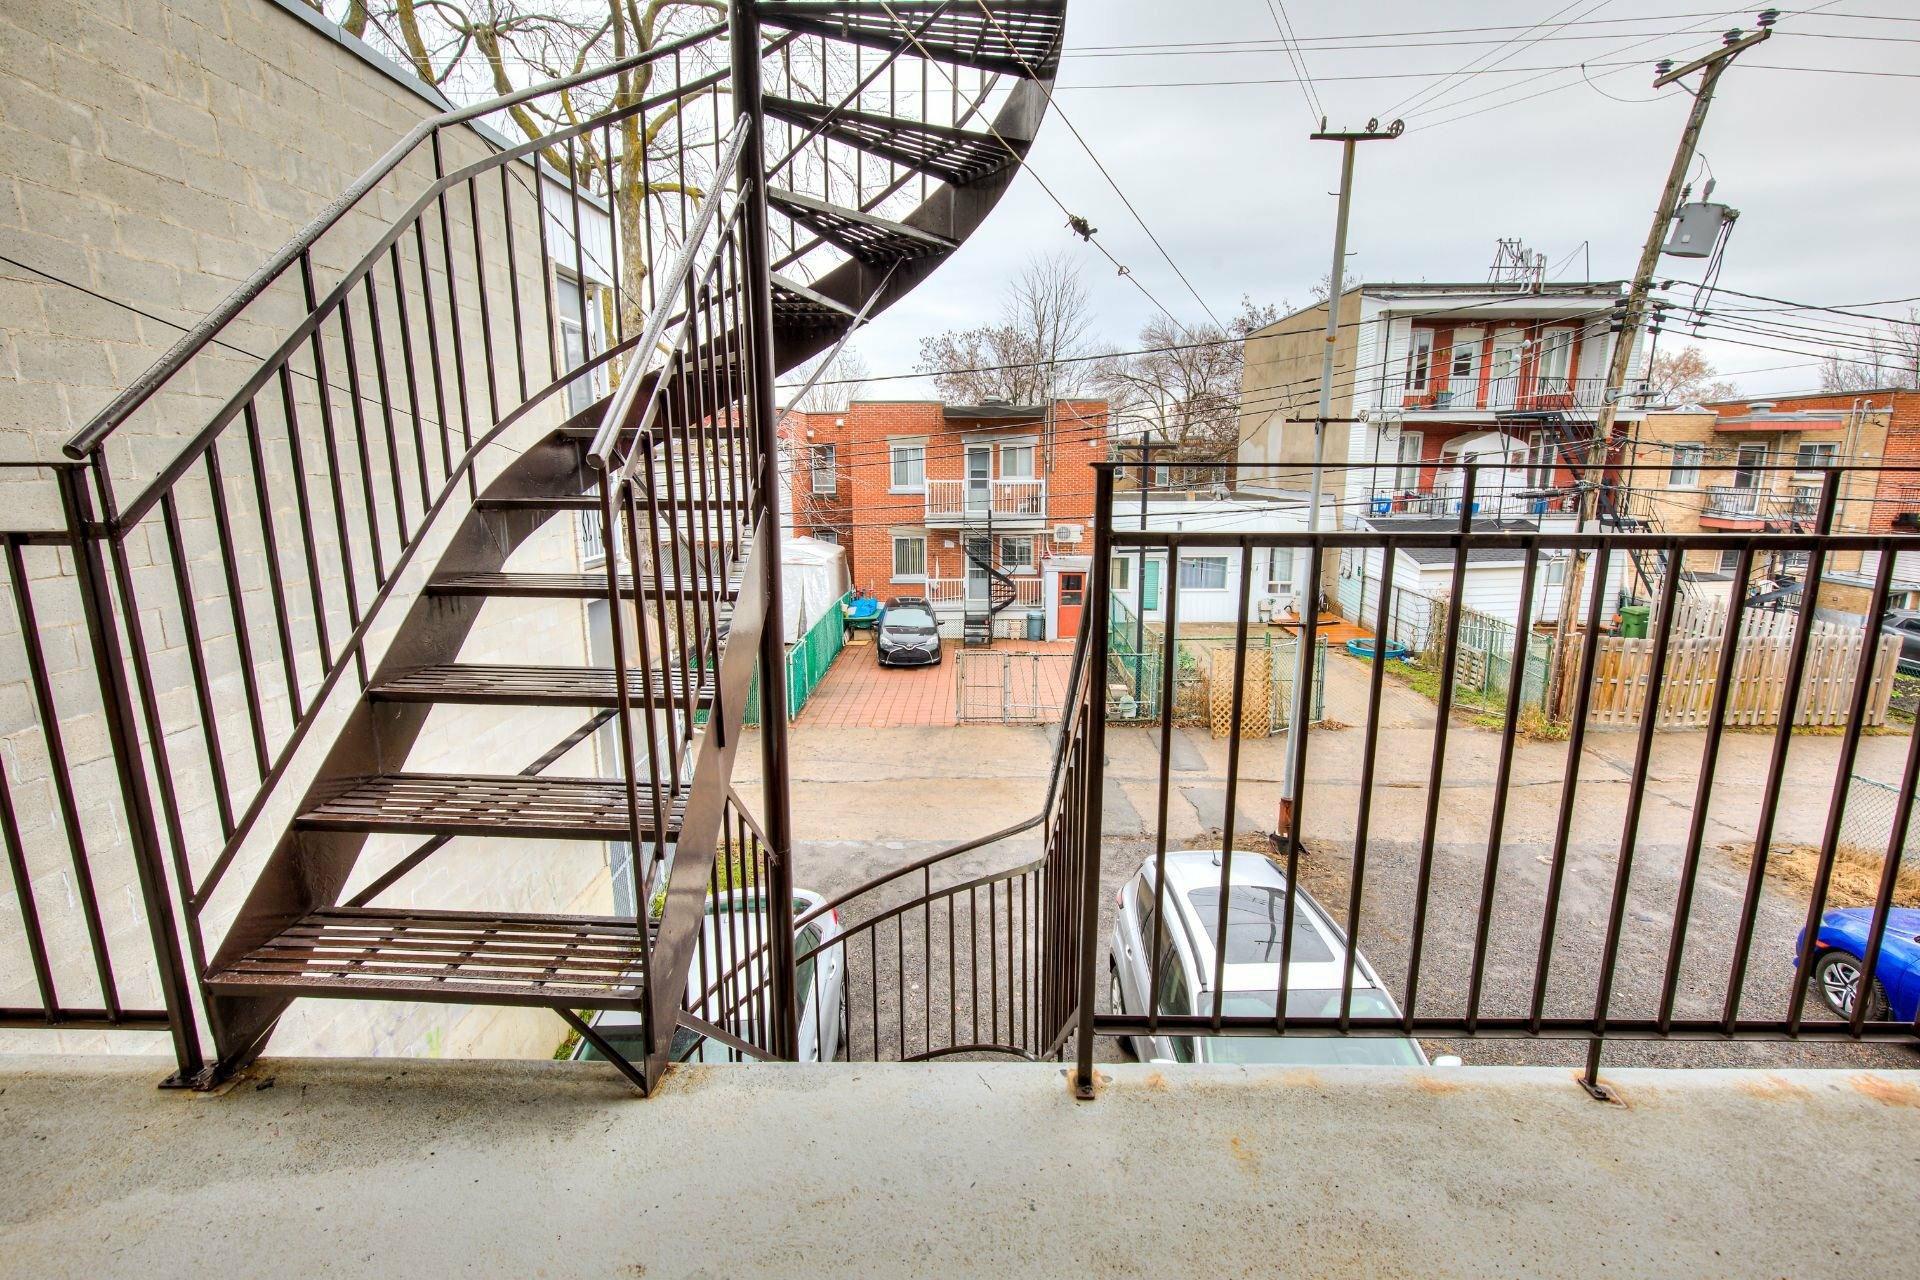 image 35 - Triplex For sale Le Sud-Ouest Montréal  - 4 rooms